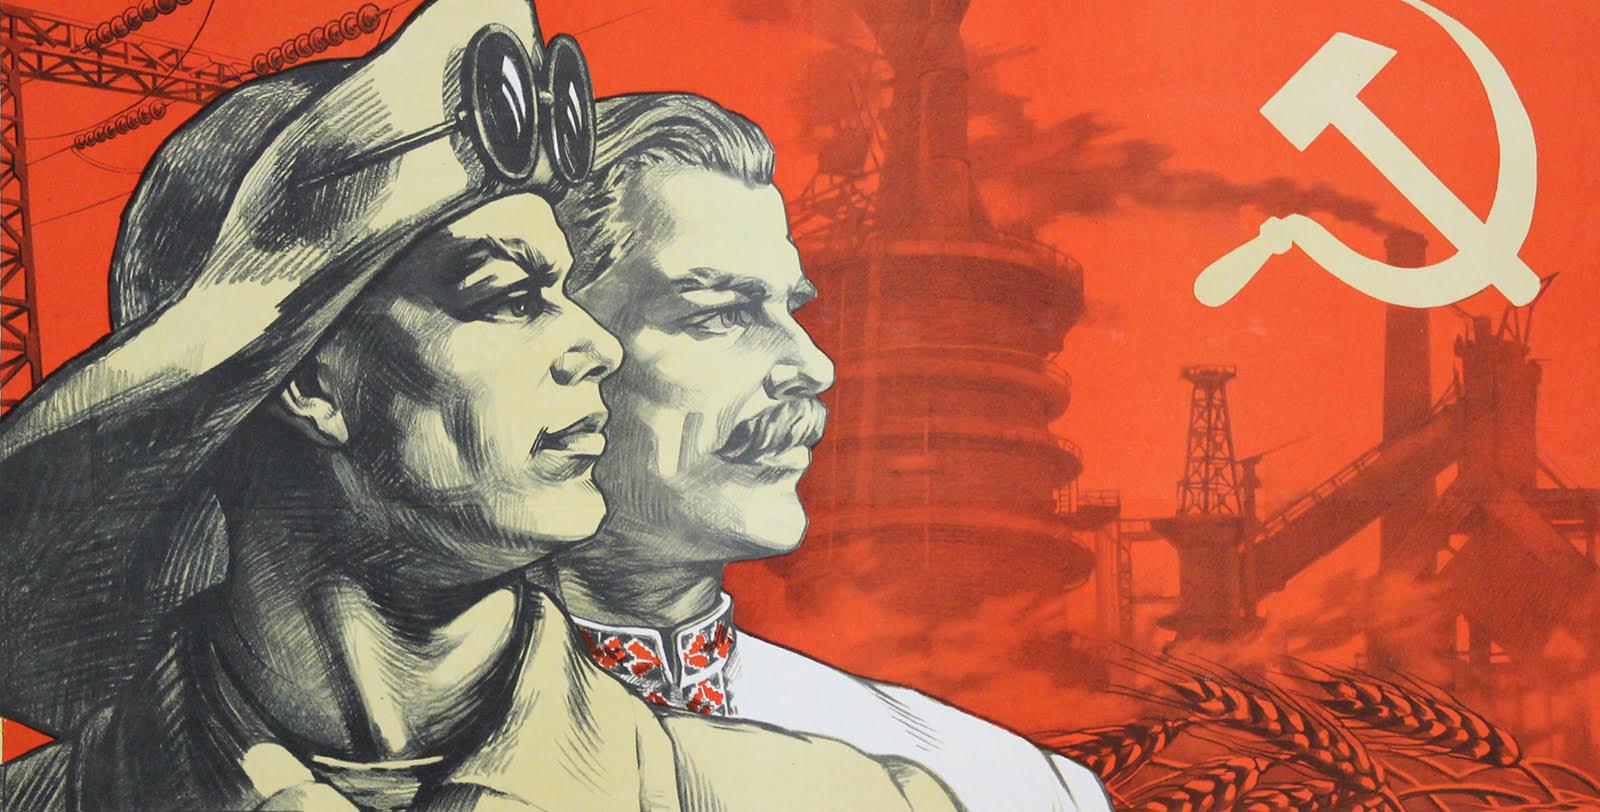 Чоловічі образи українців у плакаті УРСР 1945–1989 років